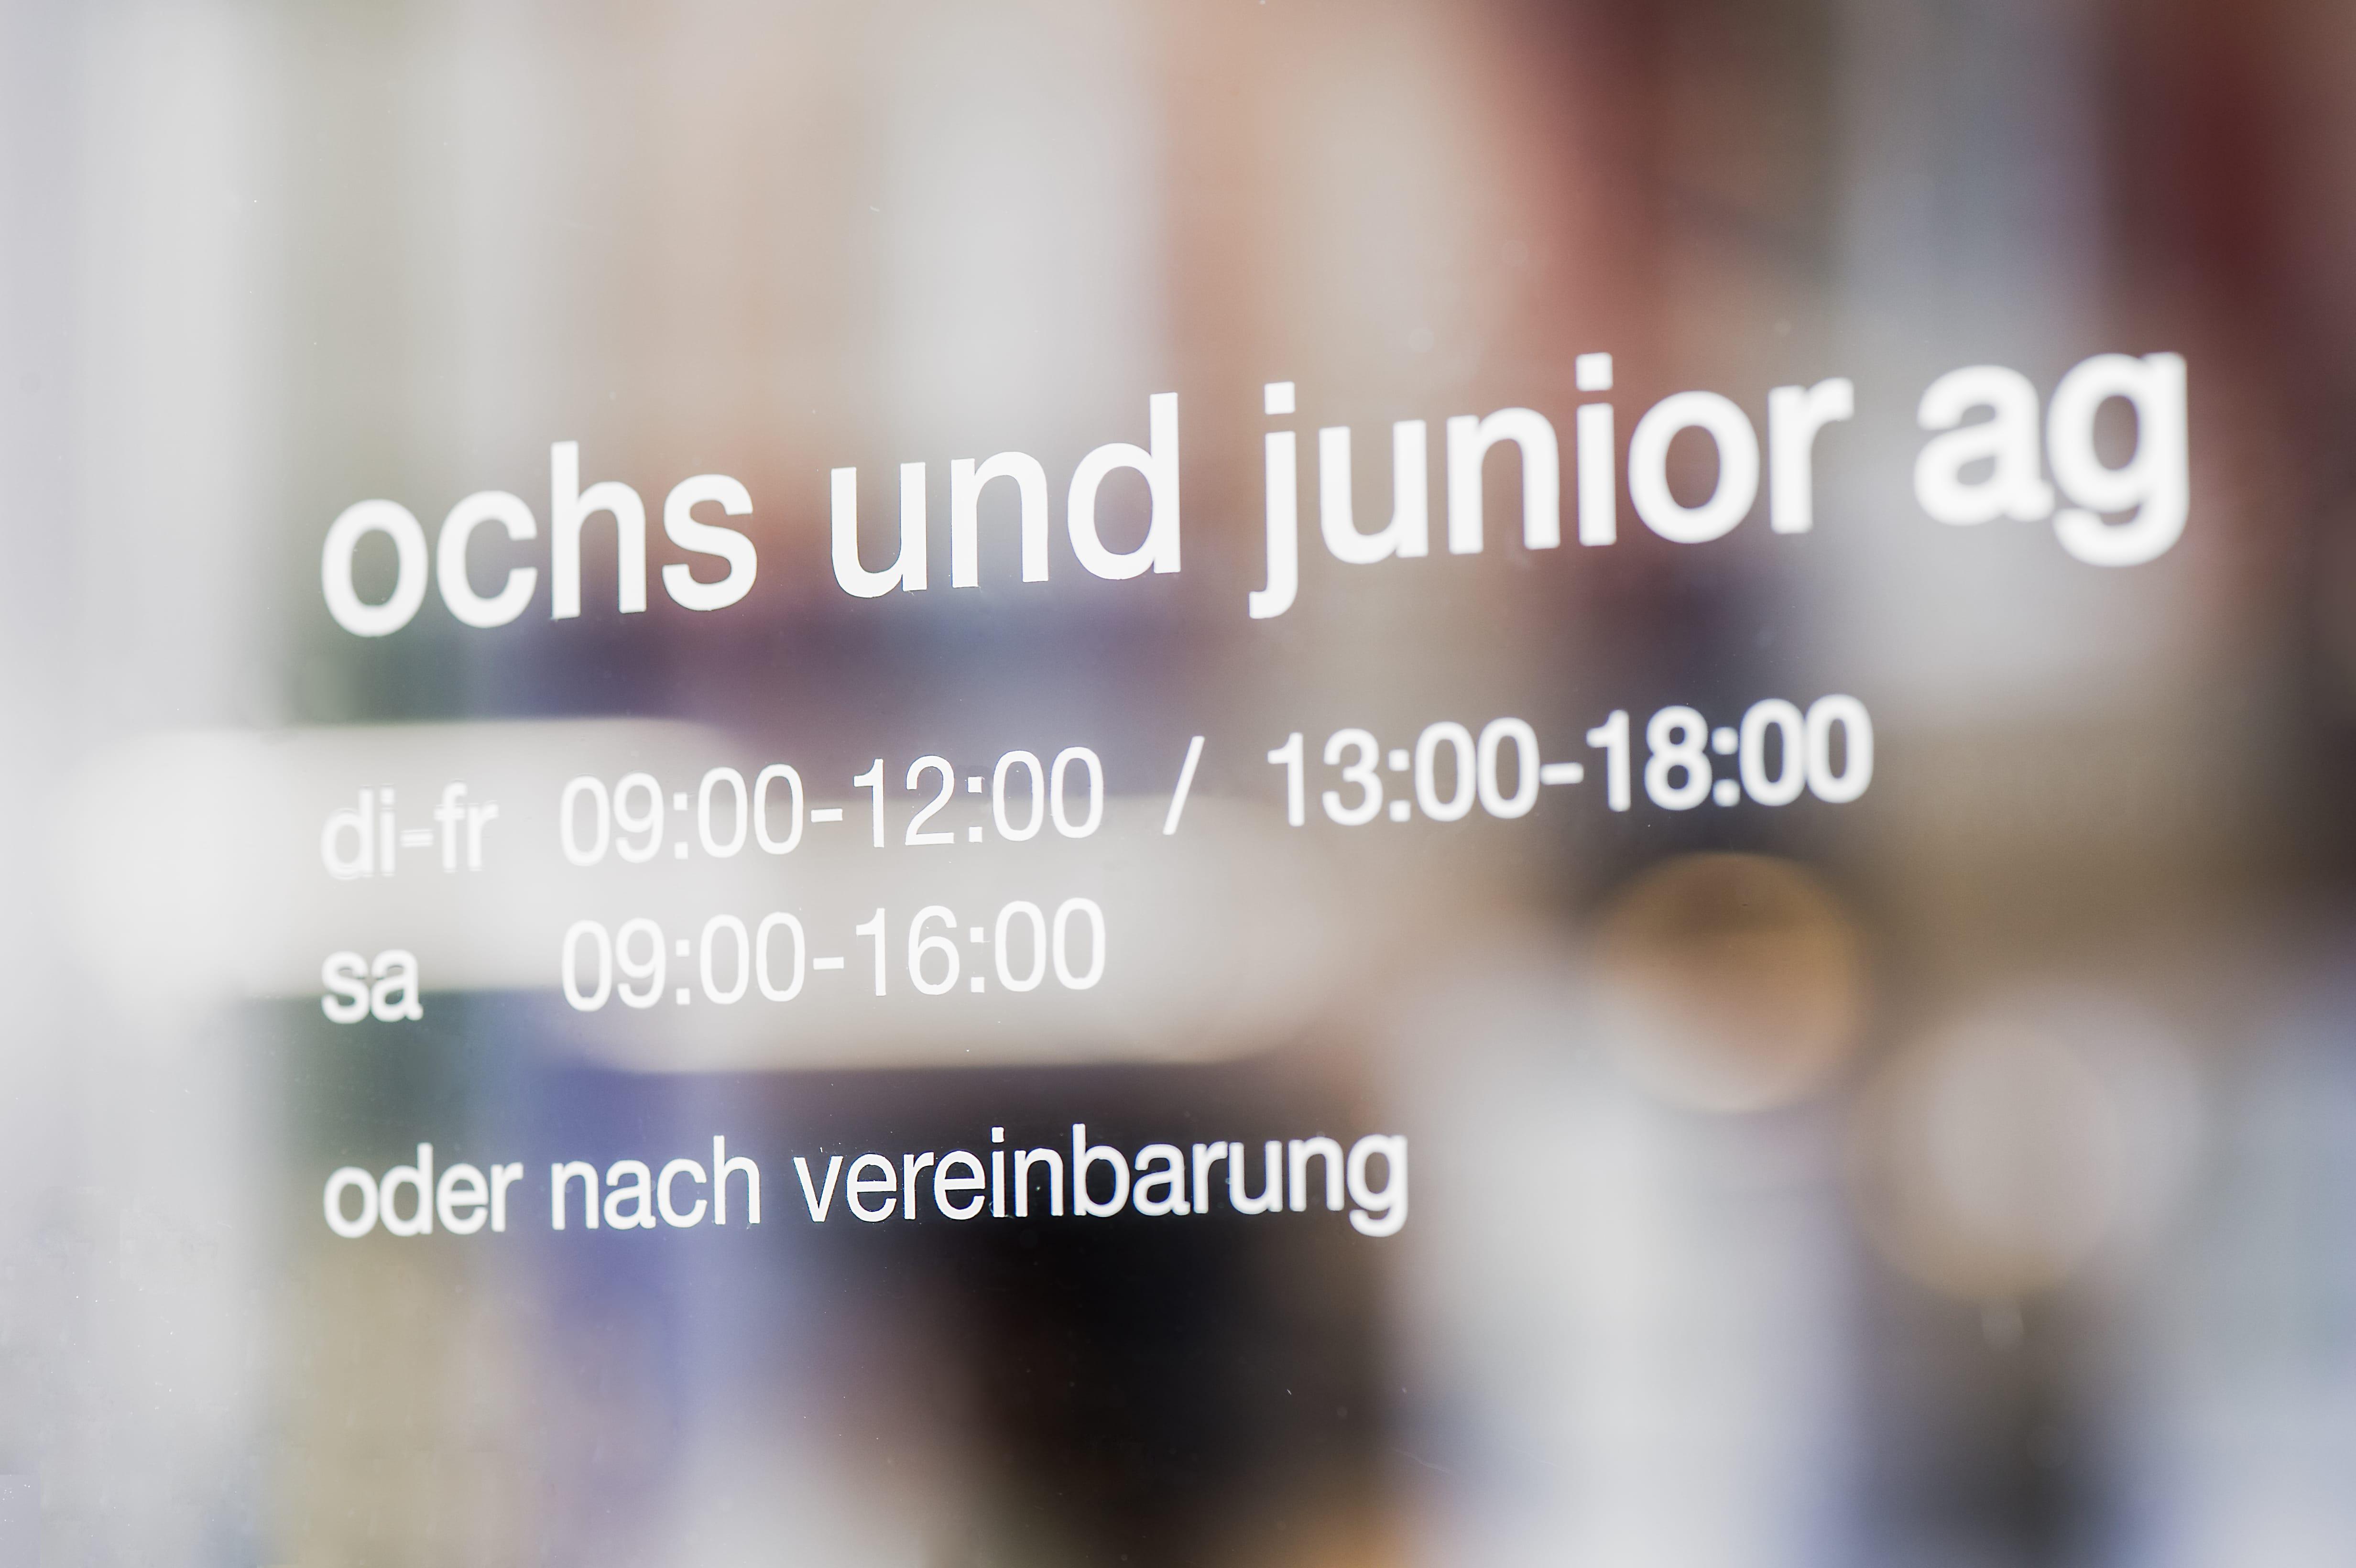 ochs-und-junior-door-text